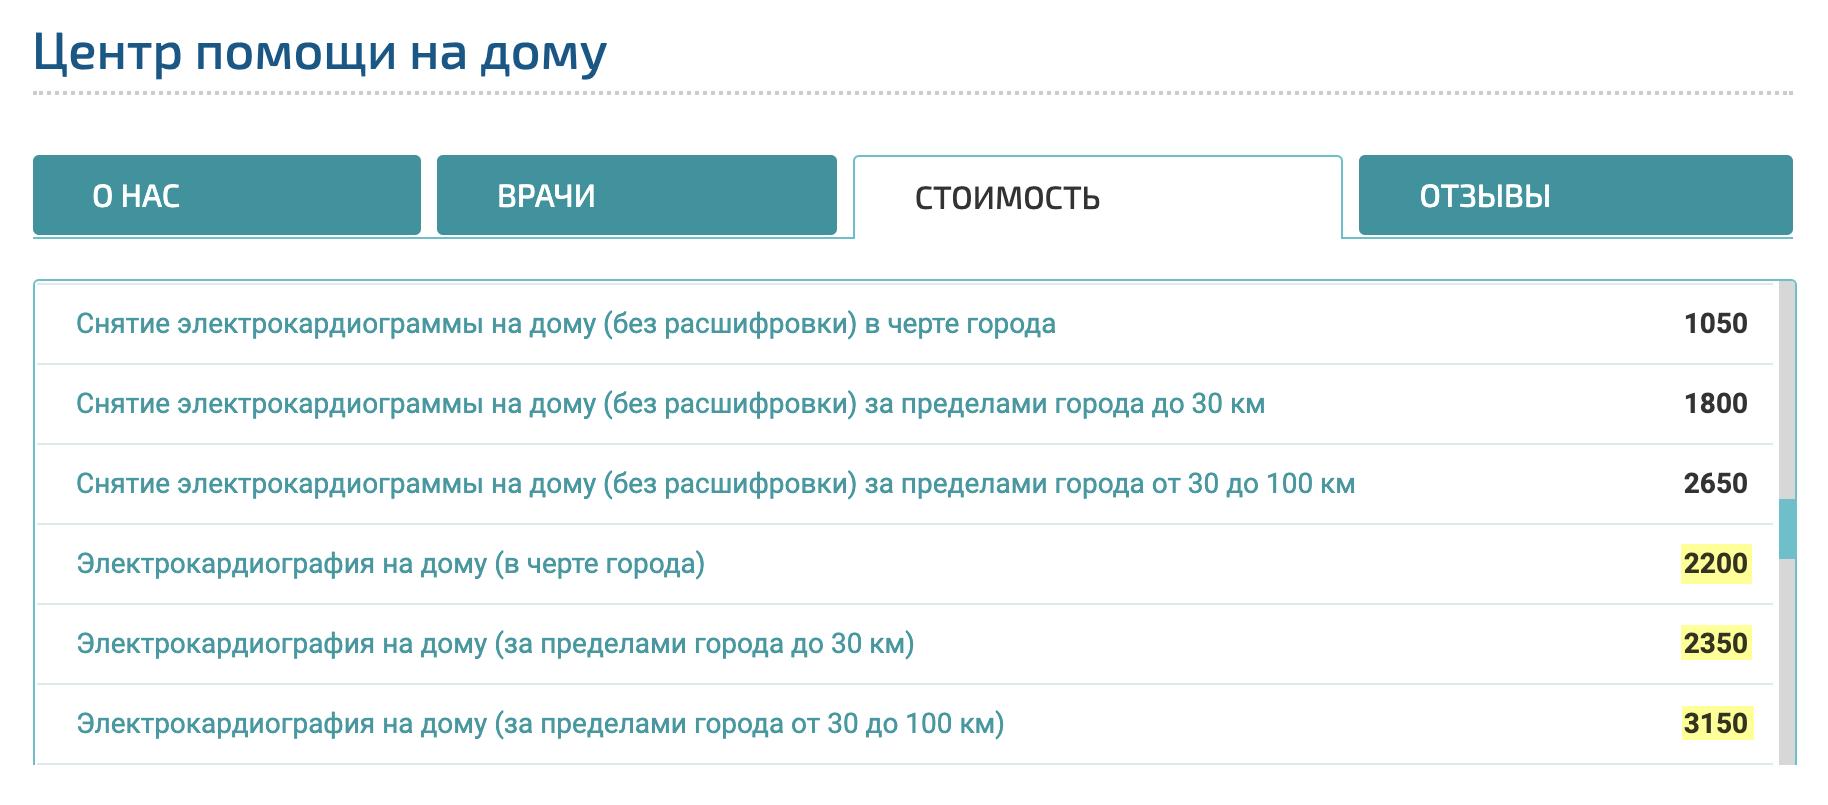 В моем городе ЭКГ на дому в коммерческих клиниках стоит 1000—2000 р.